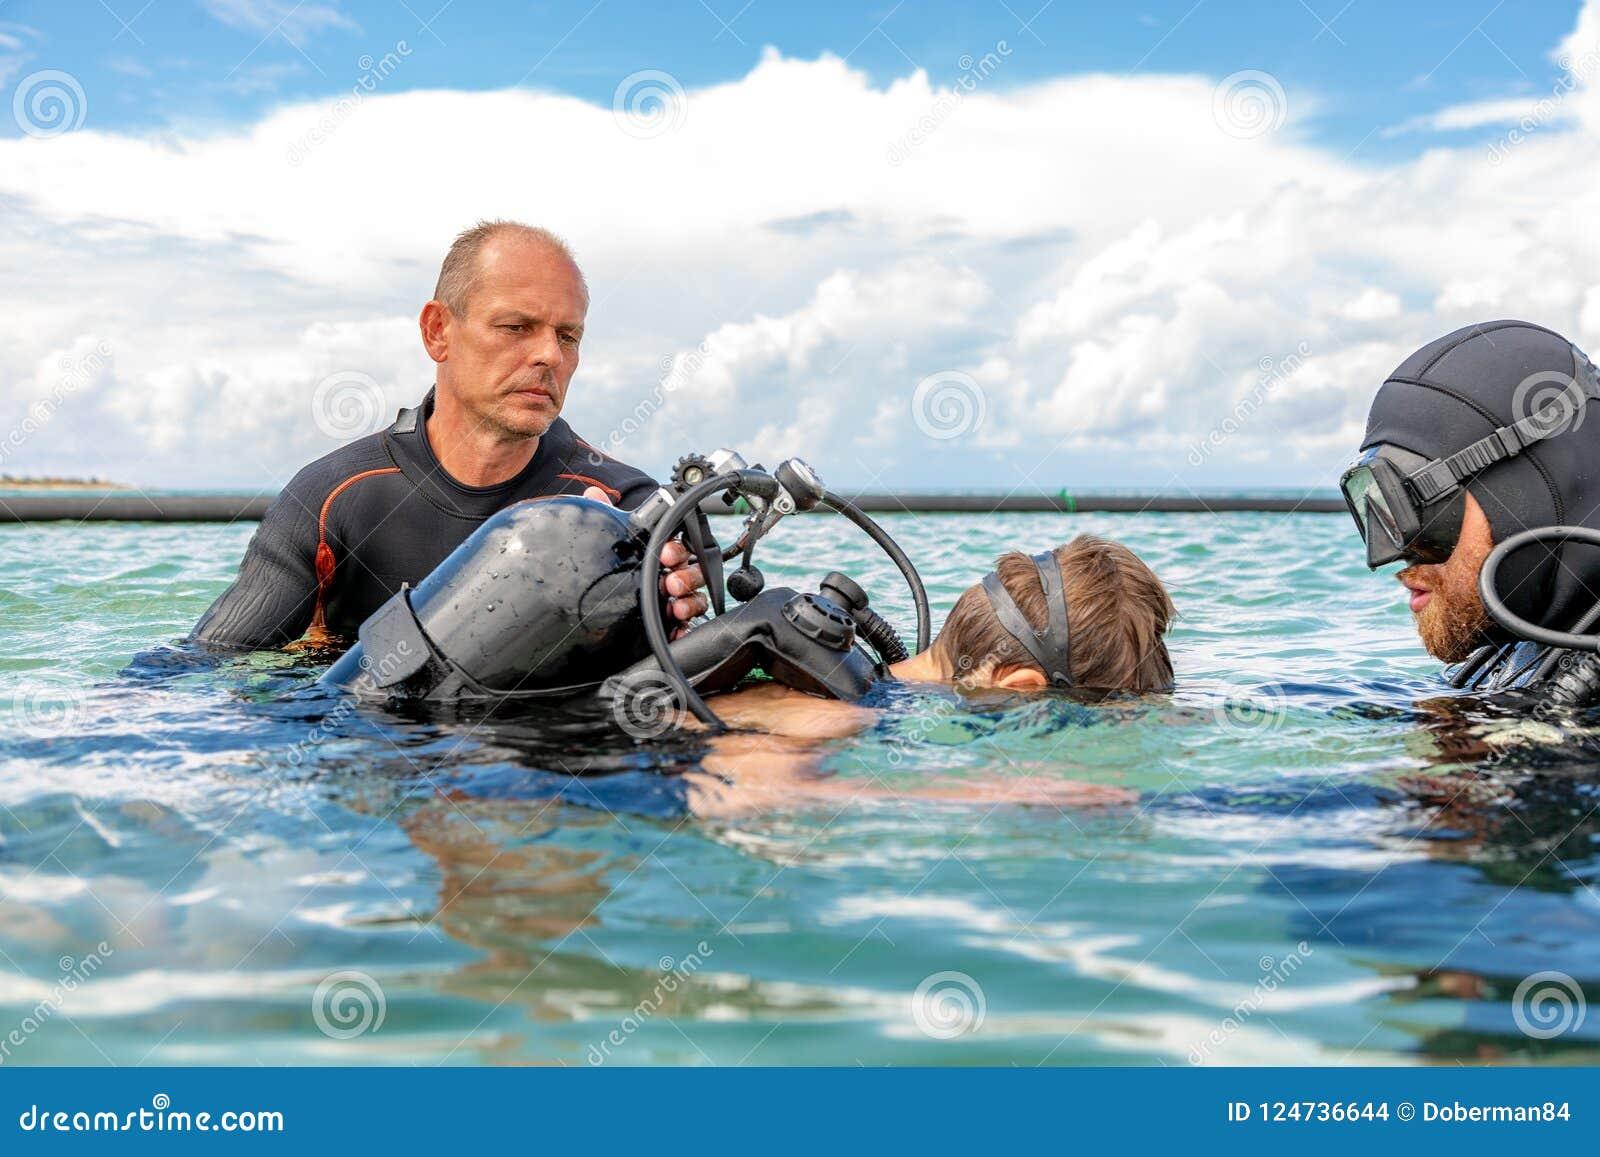 Un homme dans un costume pour plonger dispose un garçon à plonger